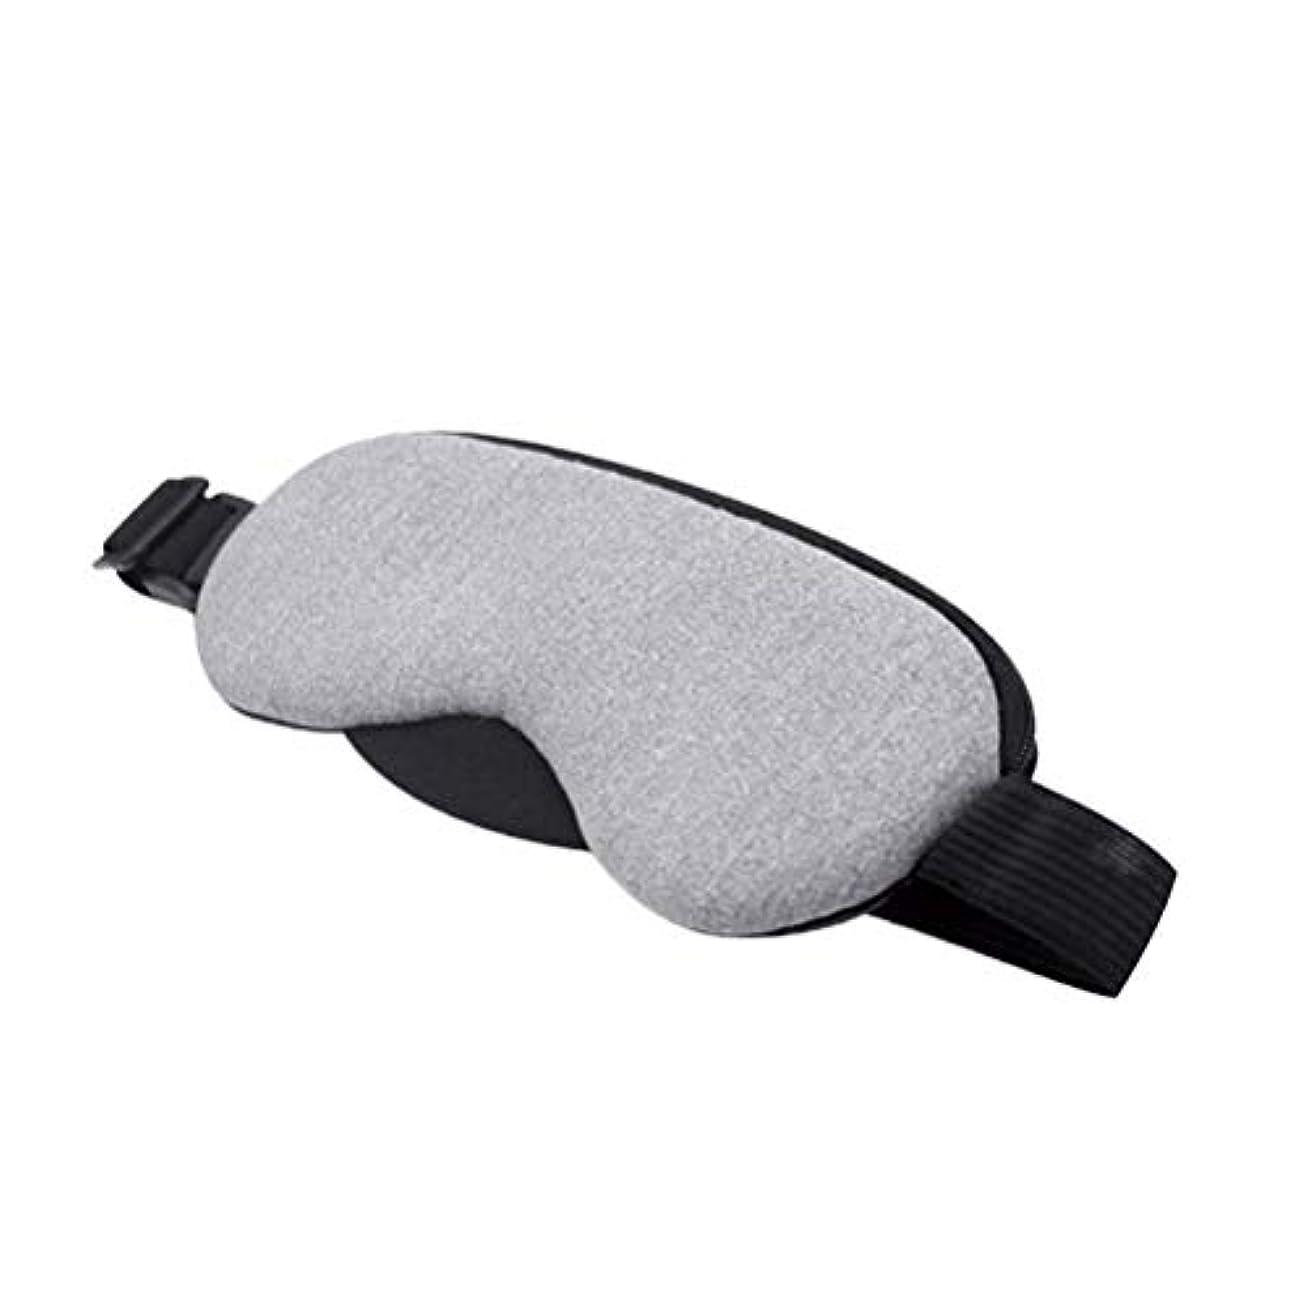 配る再生的コミットメントHEALIFTY アイマスクUSBヒートホットスチームアイマスクは、パフの目を癒すために設計されています。ダークサークルアイドライアイブライトフィリストストレスフィニッシュアイ(グレーフレグランスフリー)